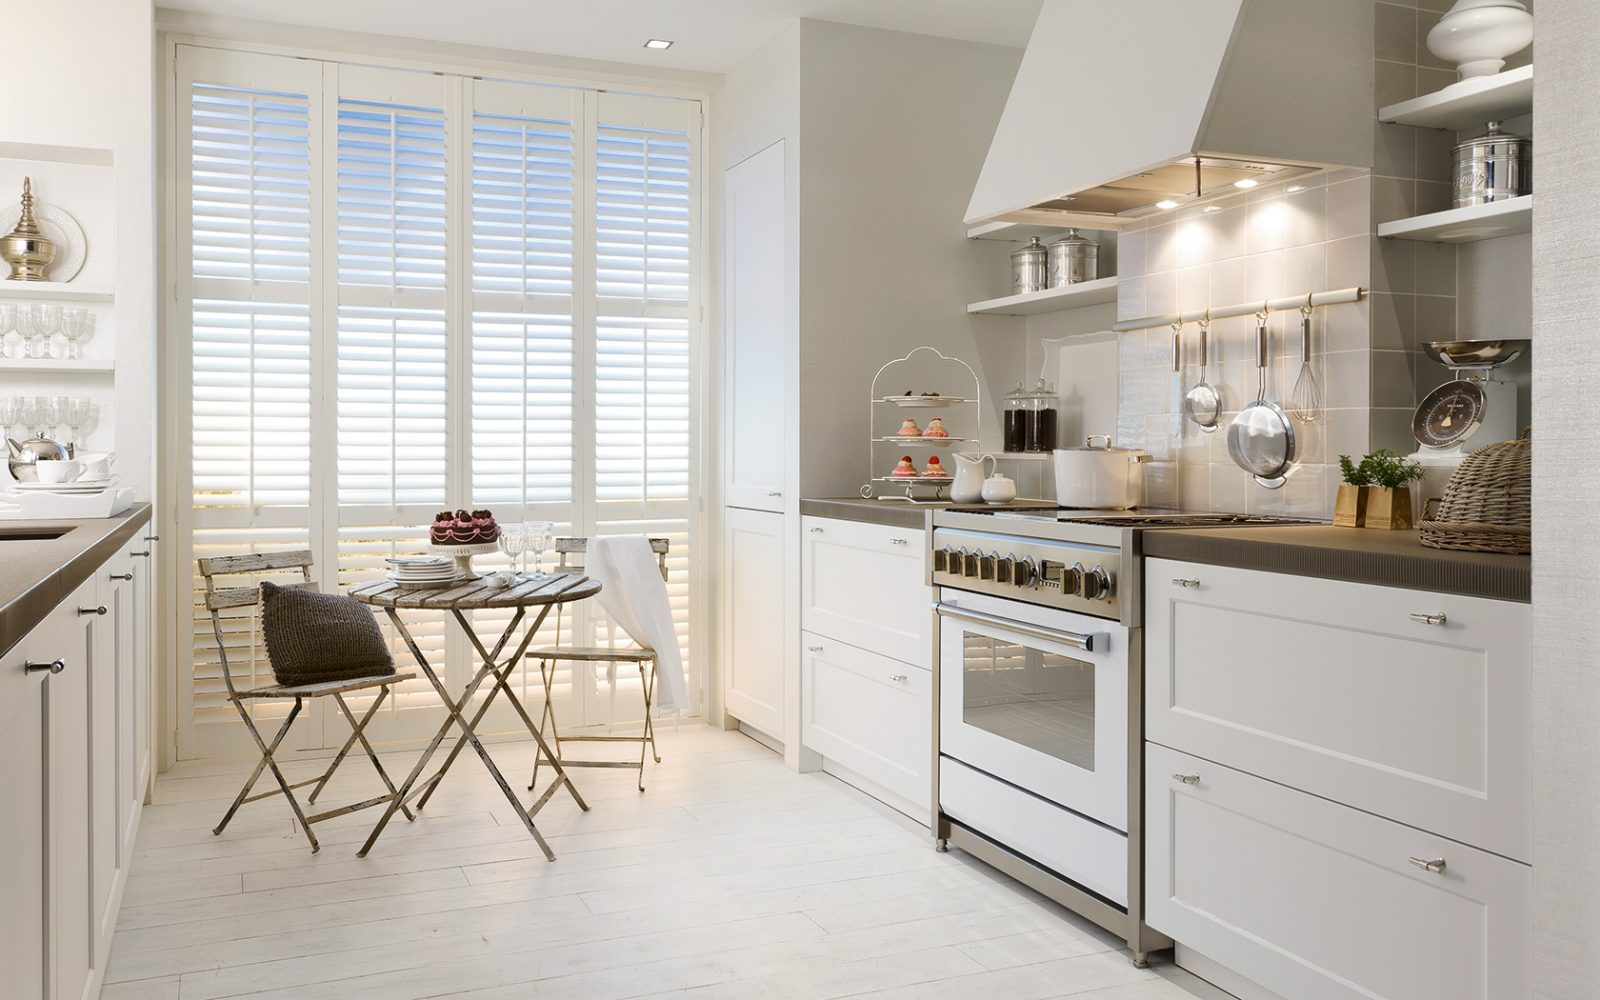 Galer a de im genes decoraci n de cocinas cl sicas for Cocinas modernas blancas precios